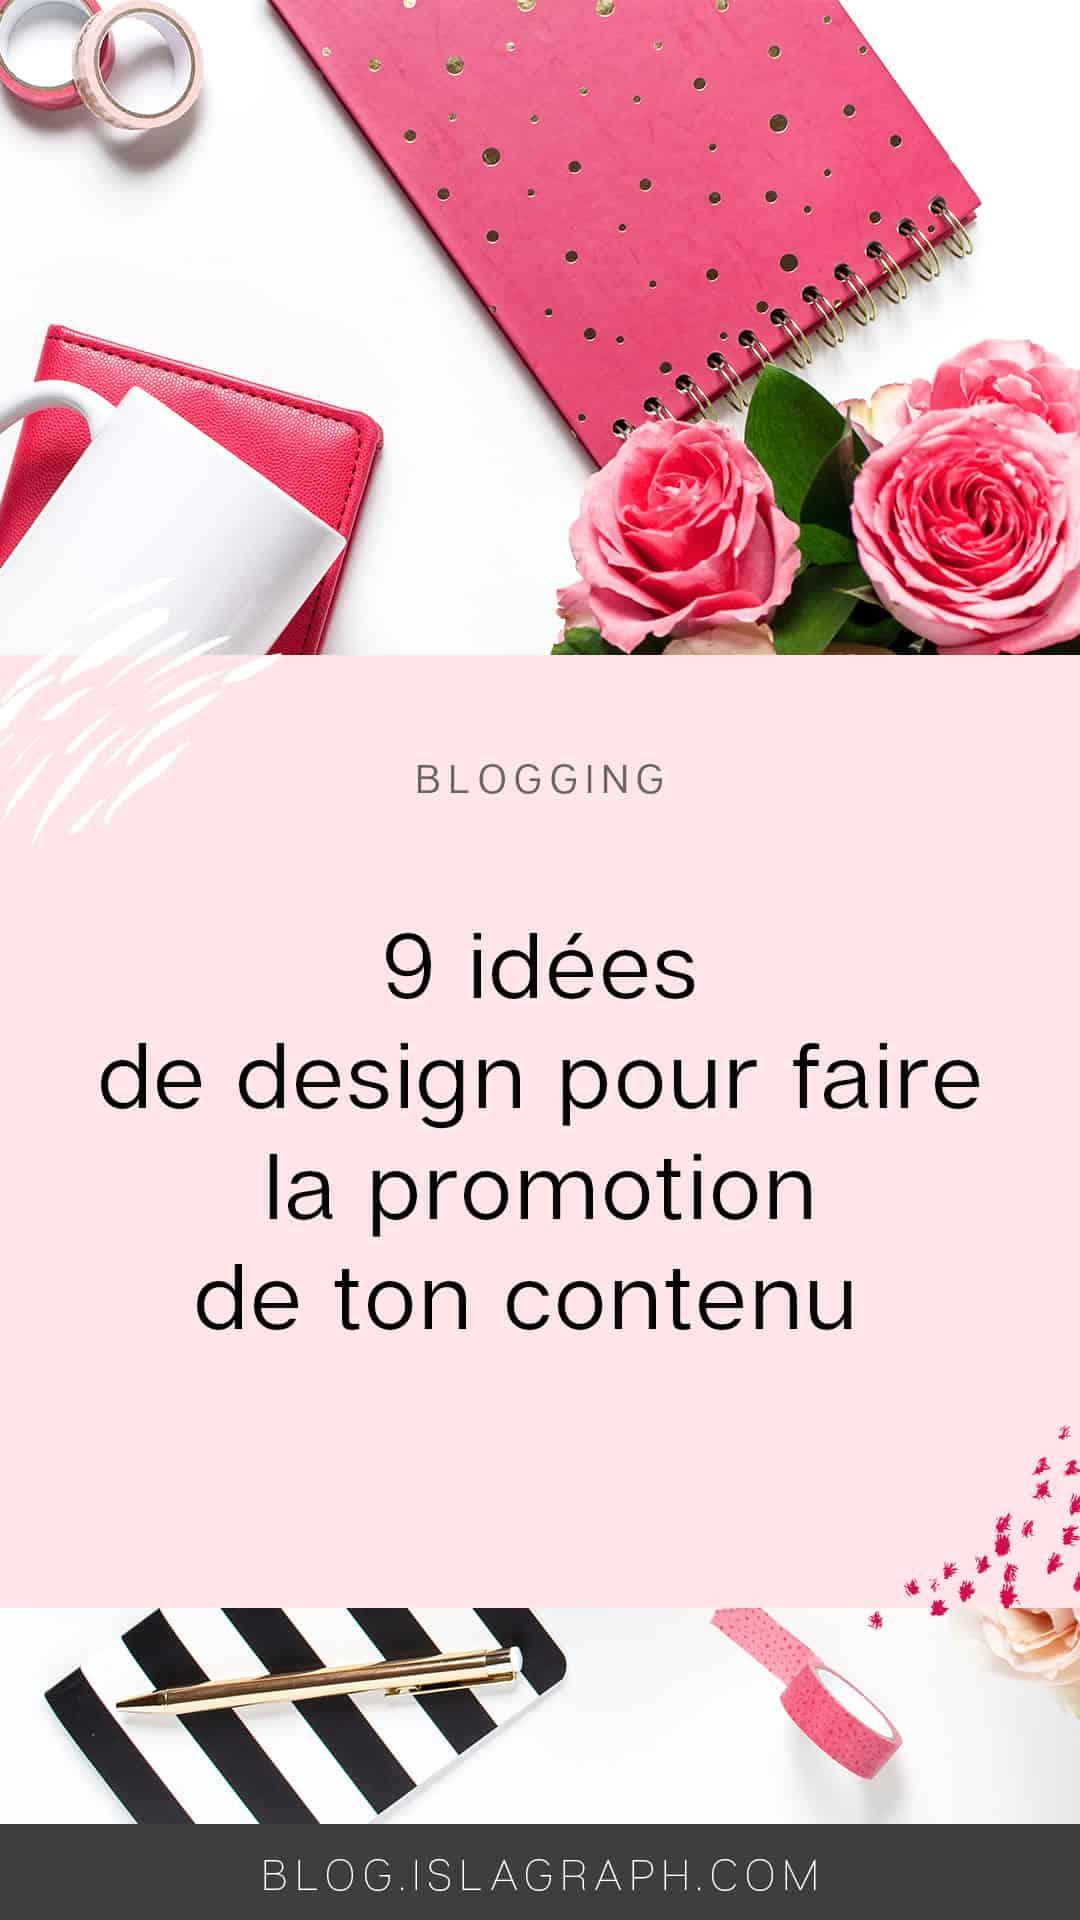 Tu souhaites faire la promotion d'un nouveau produit, d'un nouveau cadeau gratuit ou d'un nouvel article de ton blog ? Voici 9 idées de visuels que tu peux créer pour en faire la promotion.